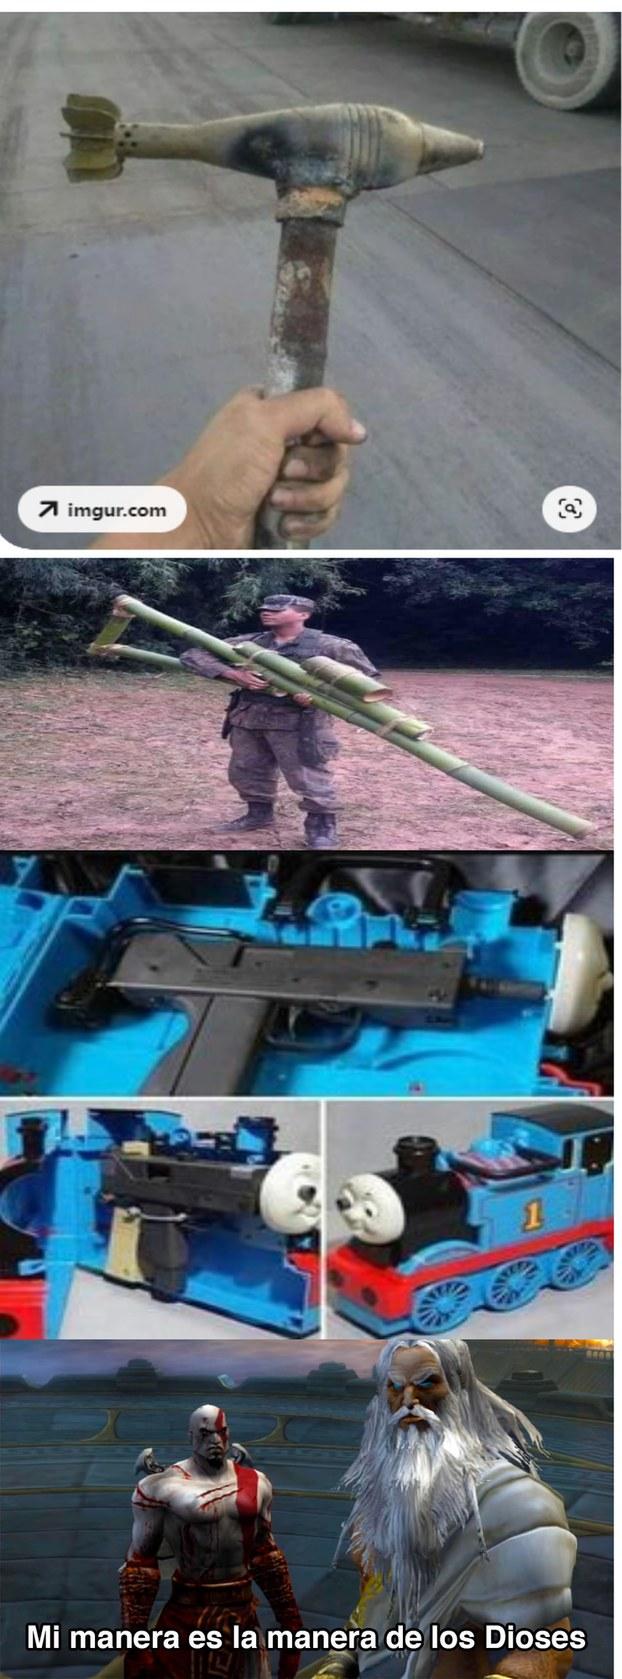 la idea del martillo es implemente estupida , la del trensito esta buena y f por el soldado cuando vaya a la guerra - meme